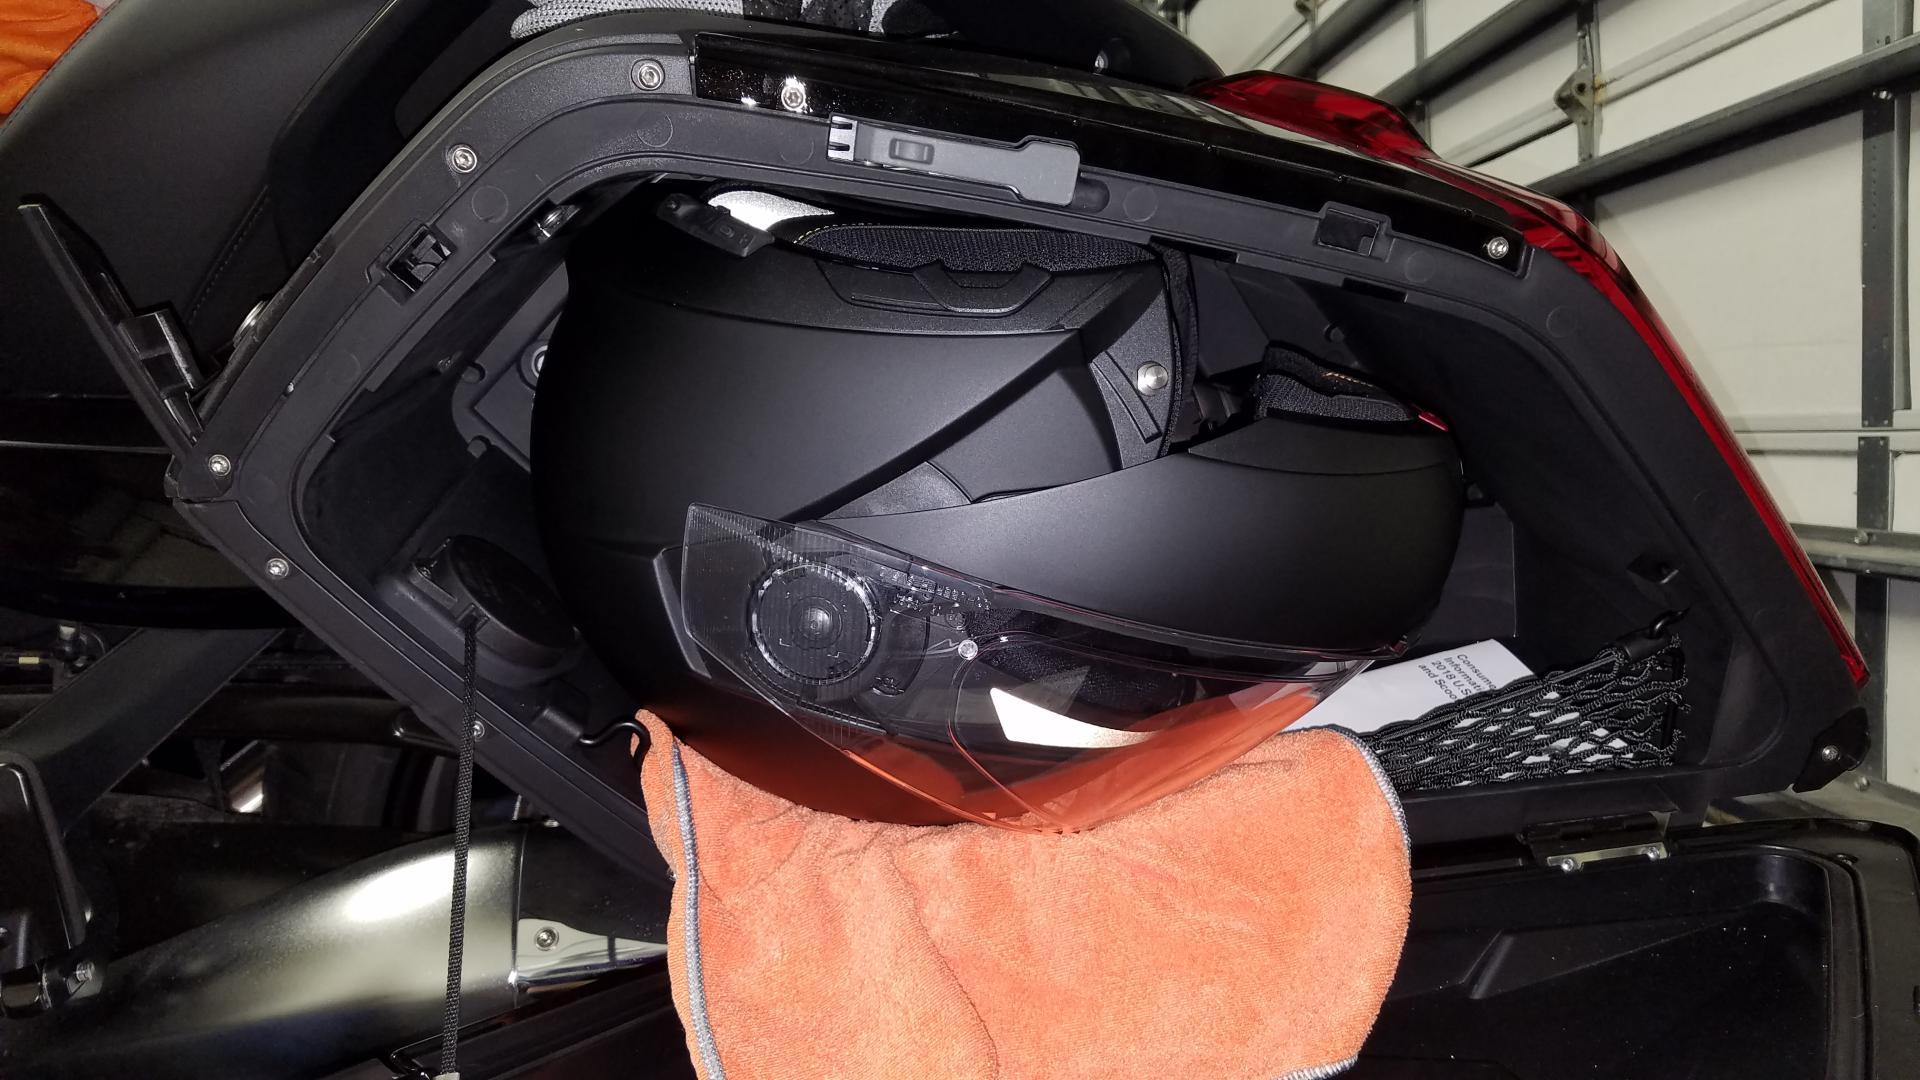 helmet in saddlebag gl1800riders. Black Bedroom Furniture Sets. Home Design Ideas